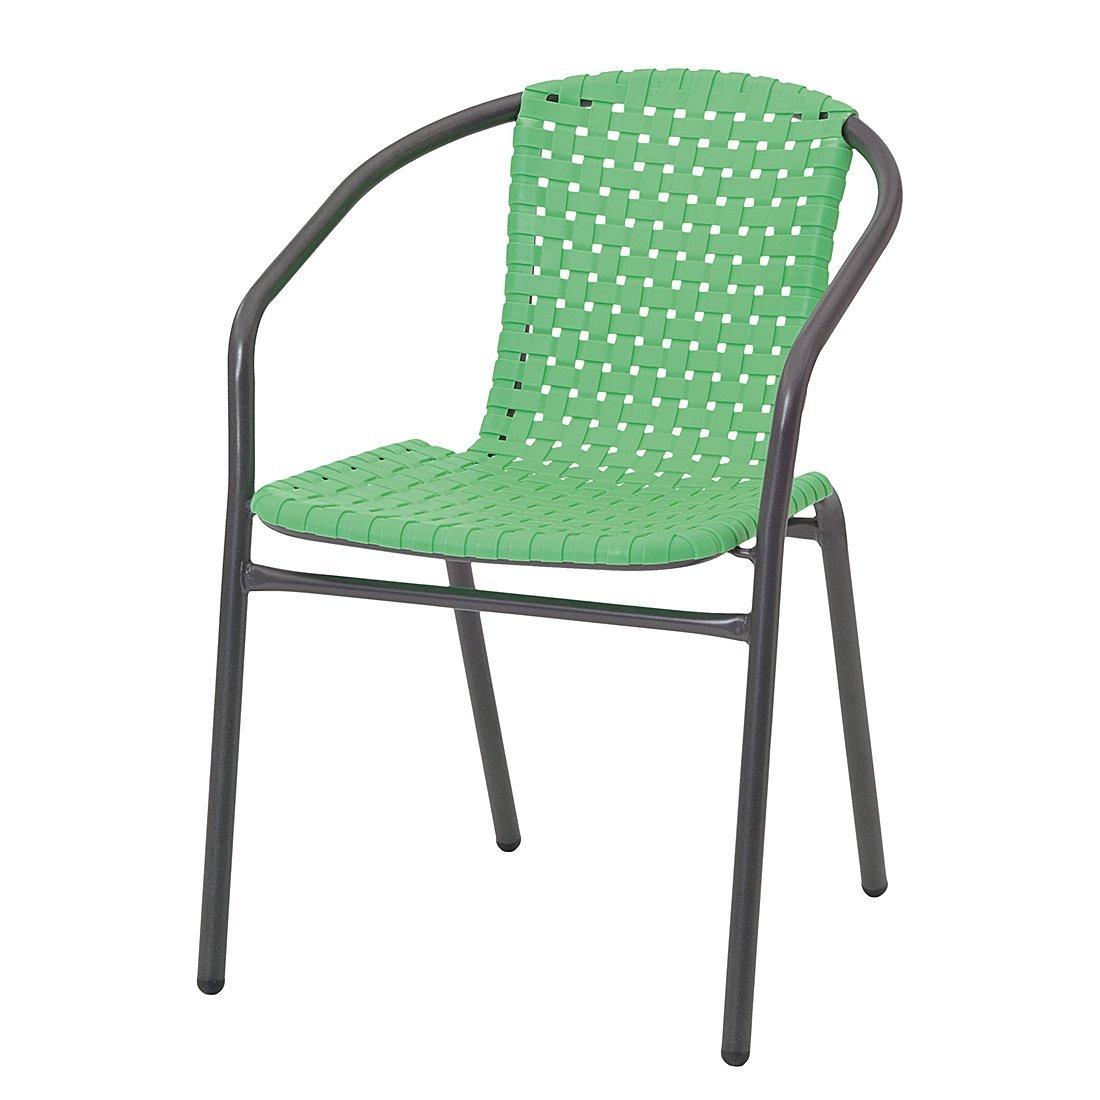 Alu Bistro Sessel mit Kunststoffmatte günstig kaufen